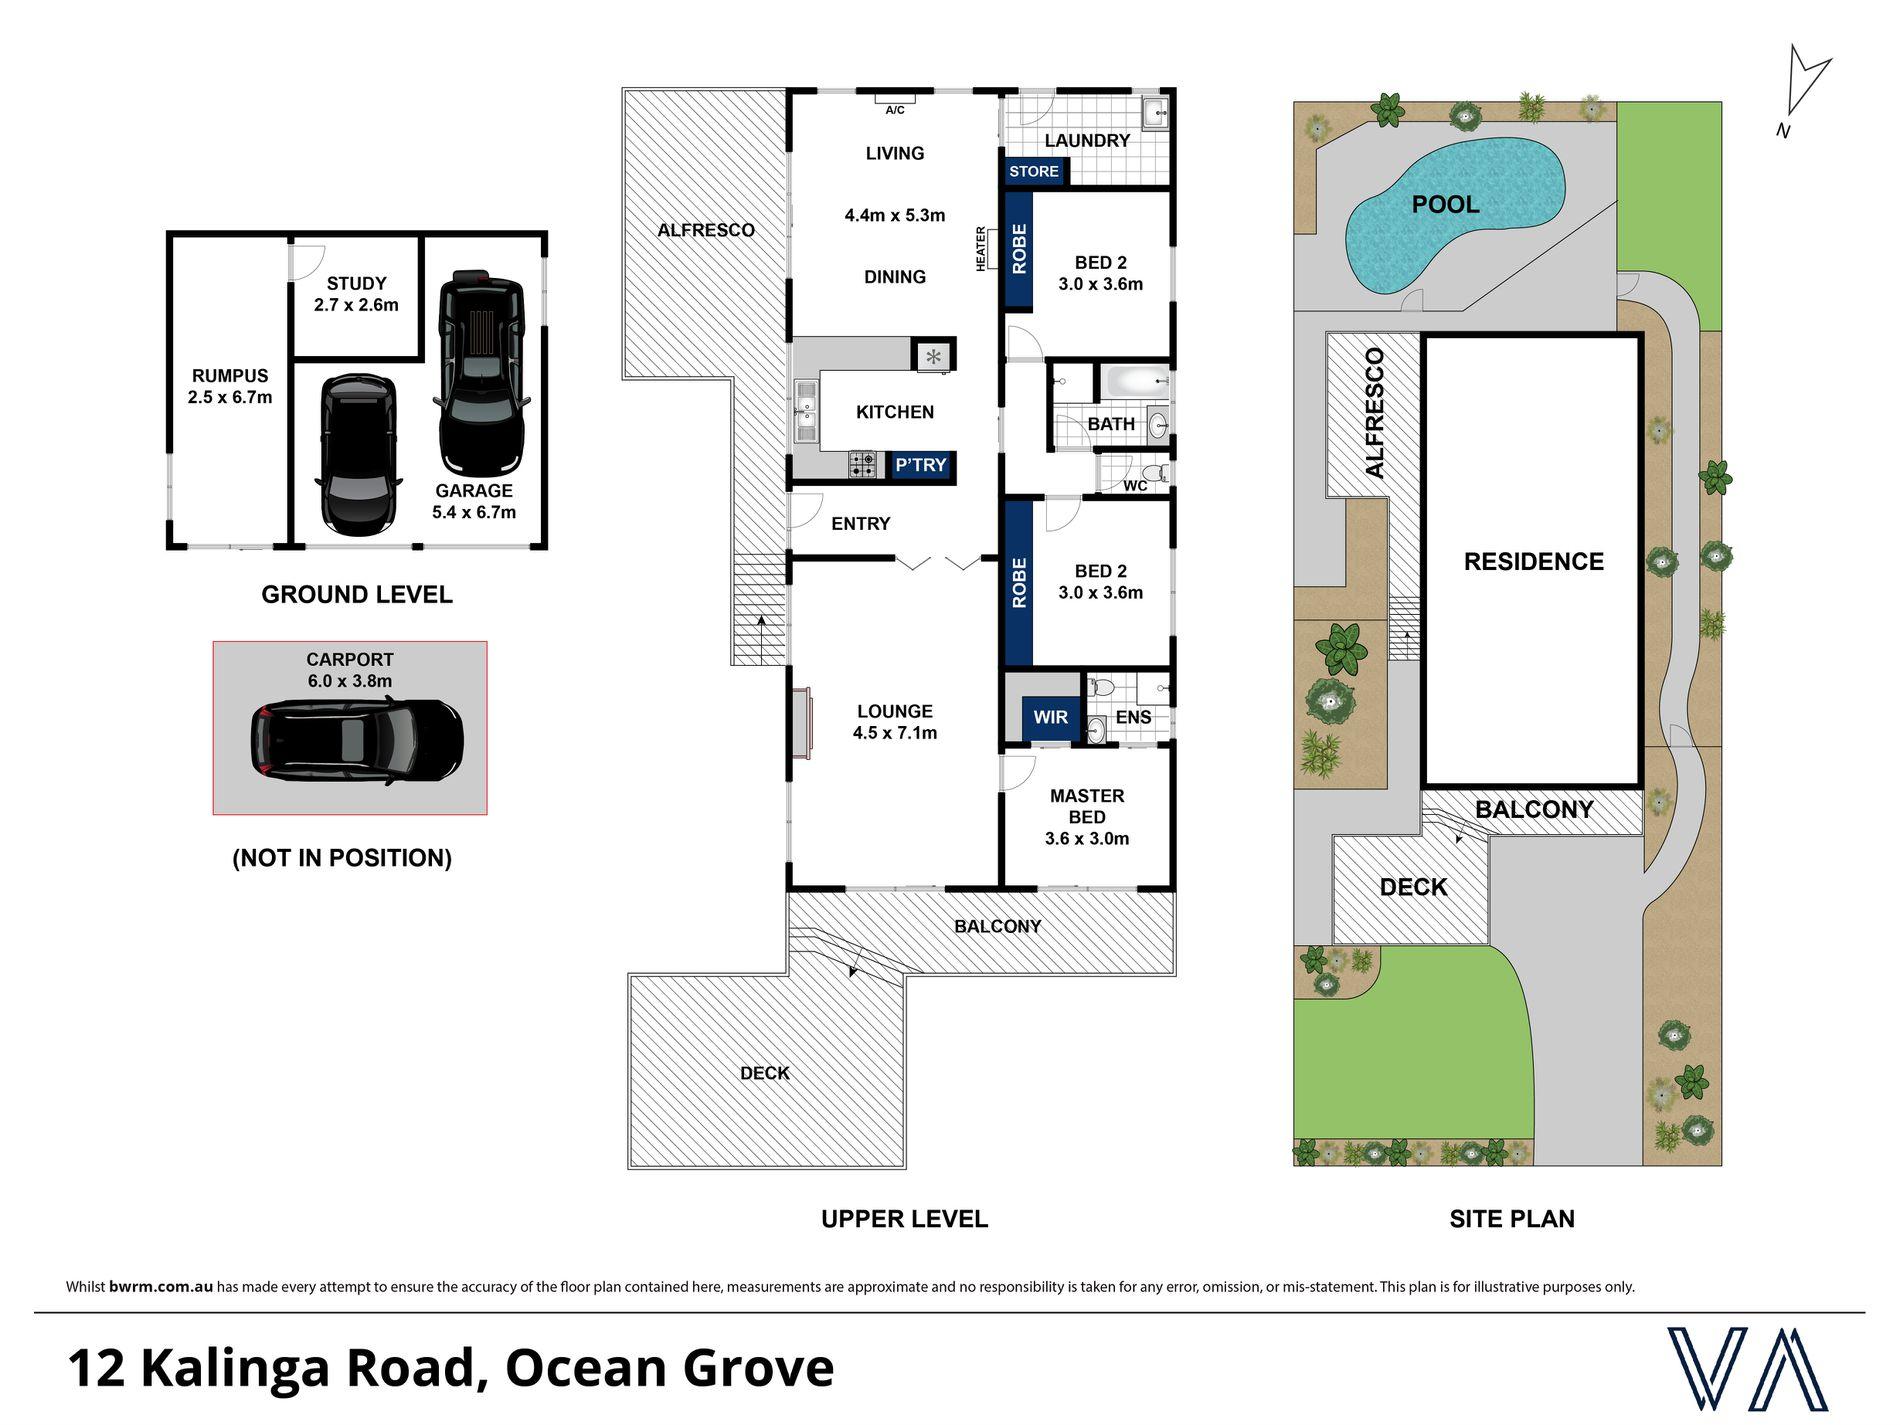 12 Kalinga Road, Ocean Grove